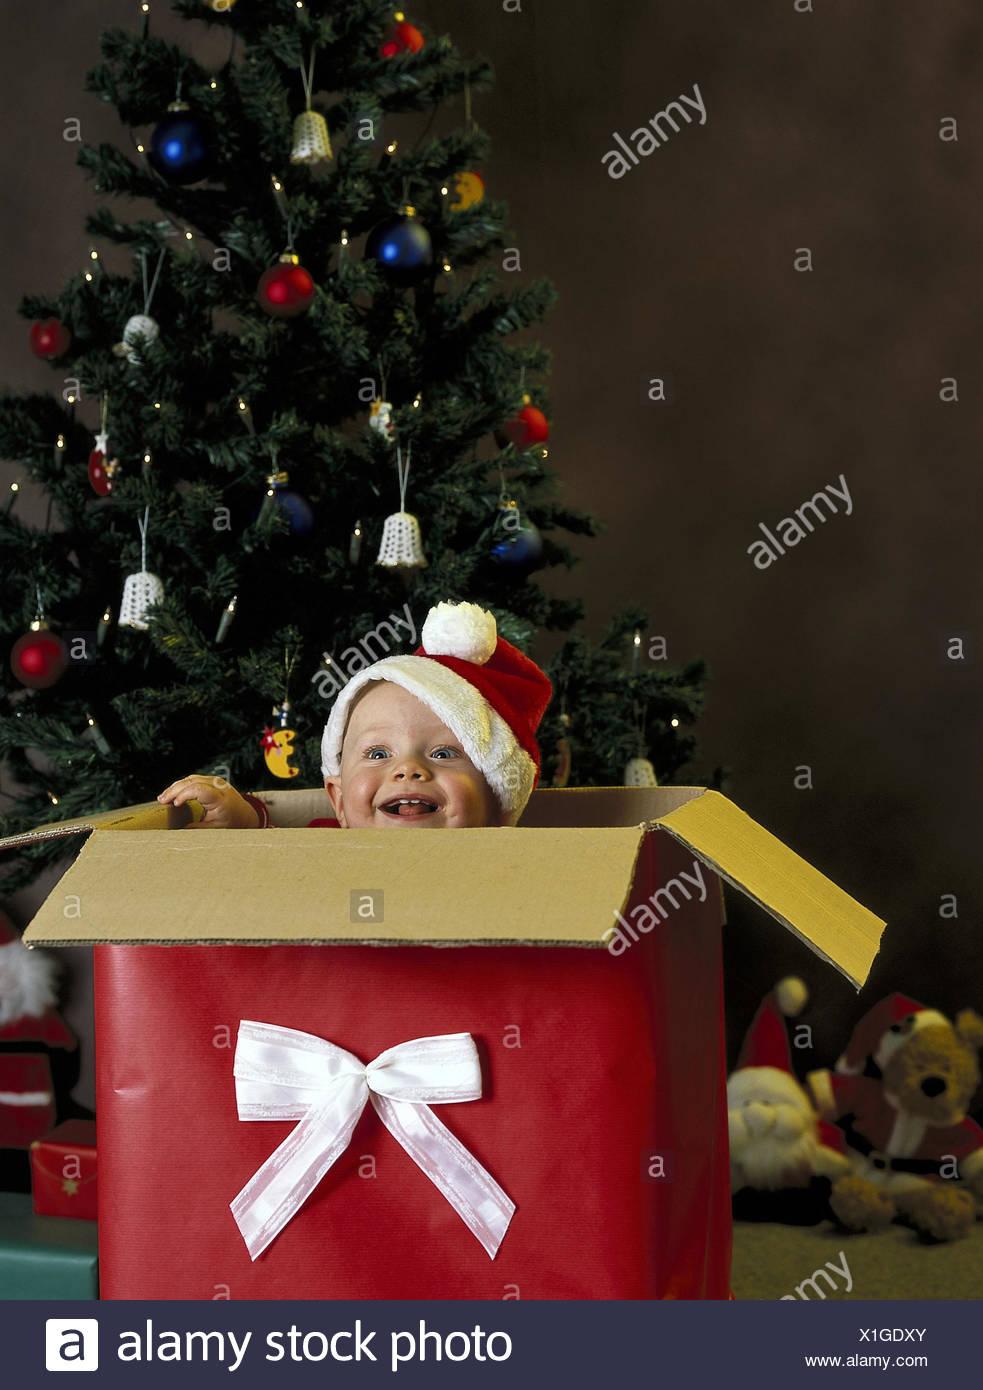 Weihnachten Geschenk Karton Baby Nikolausmütze